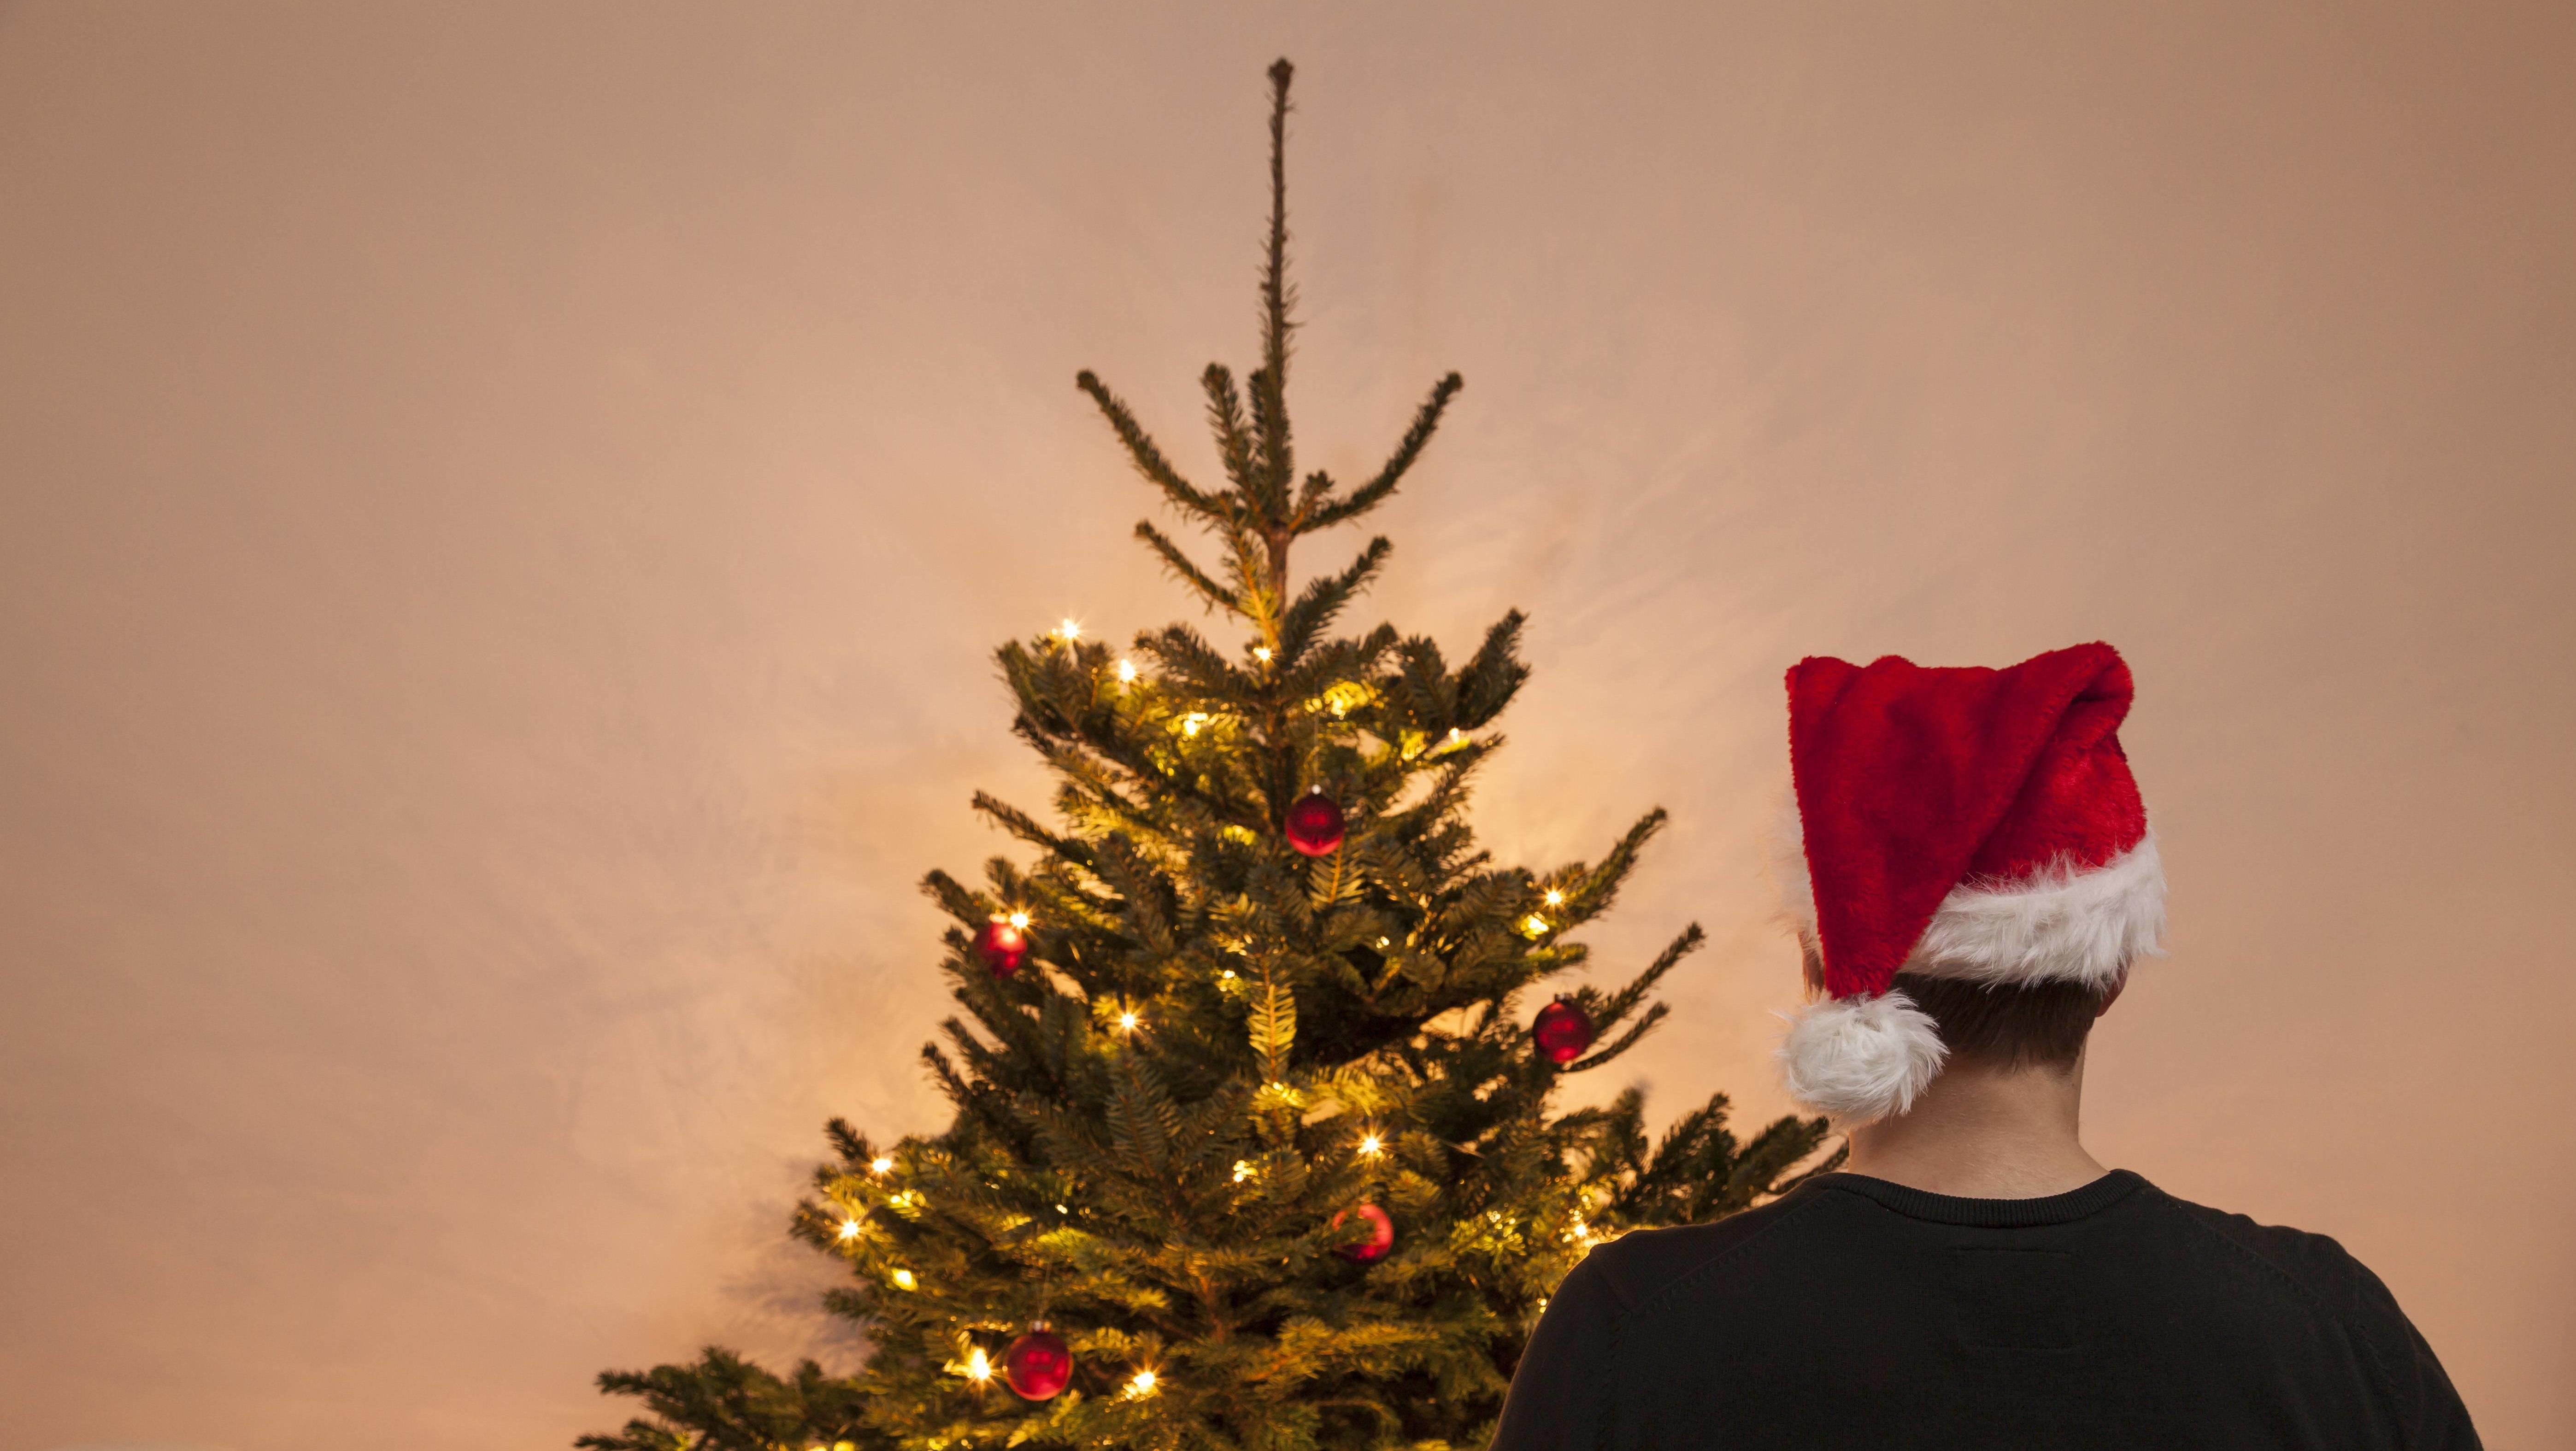 Mann alleine vorm Weihnachtsbaum